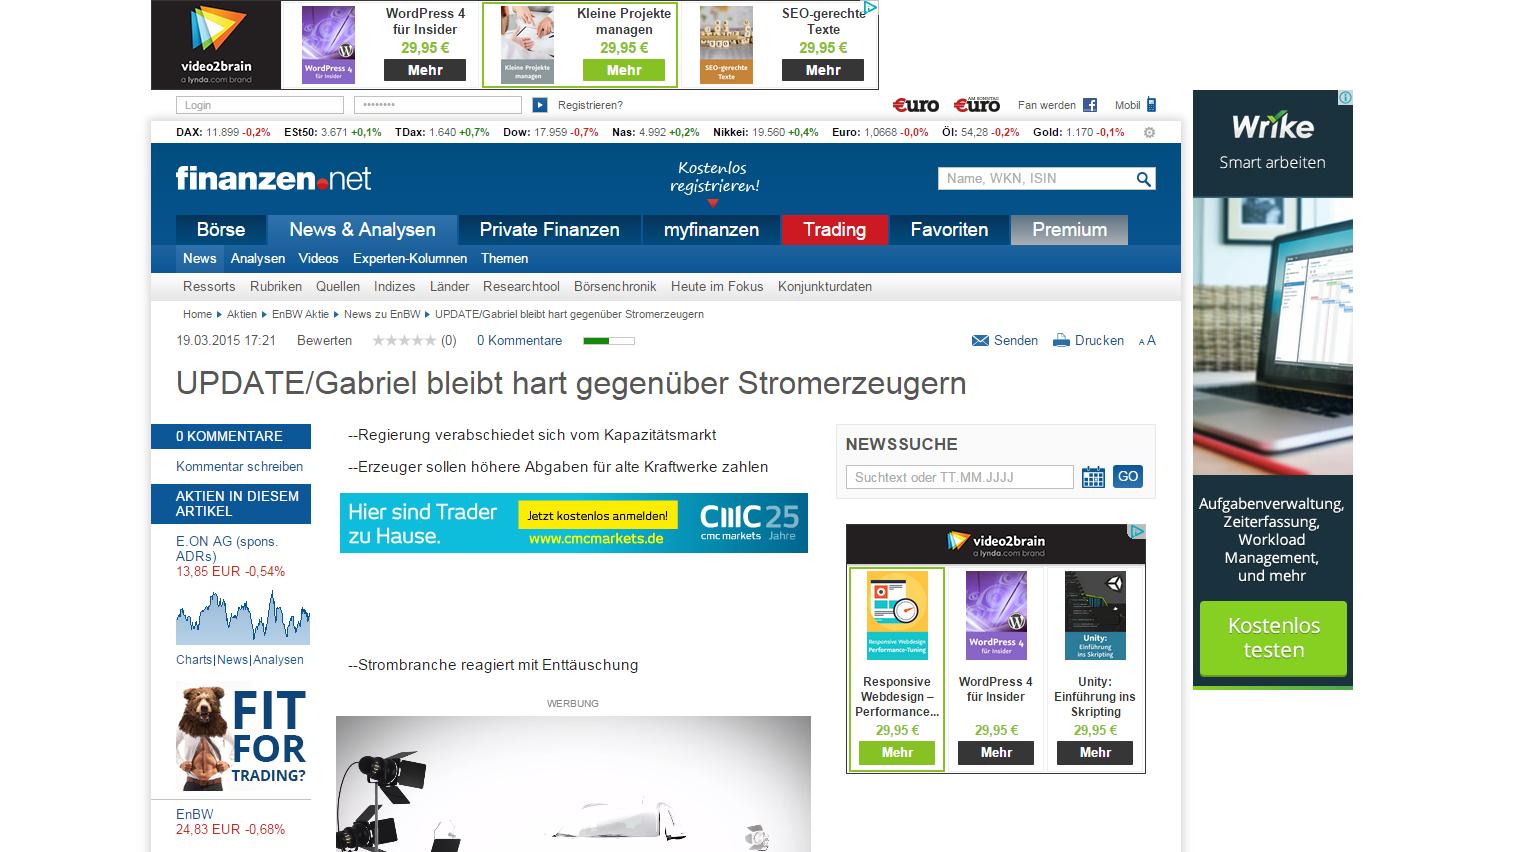 """finanzen.de: """"UPDATE/Gabriel bleibt hart gegenüber Stromerzeugern"""""""